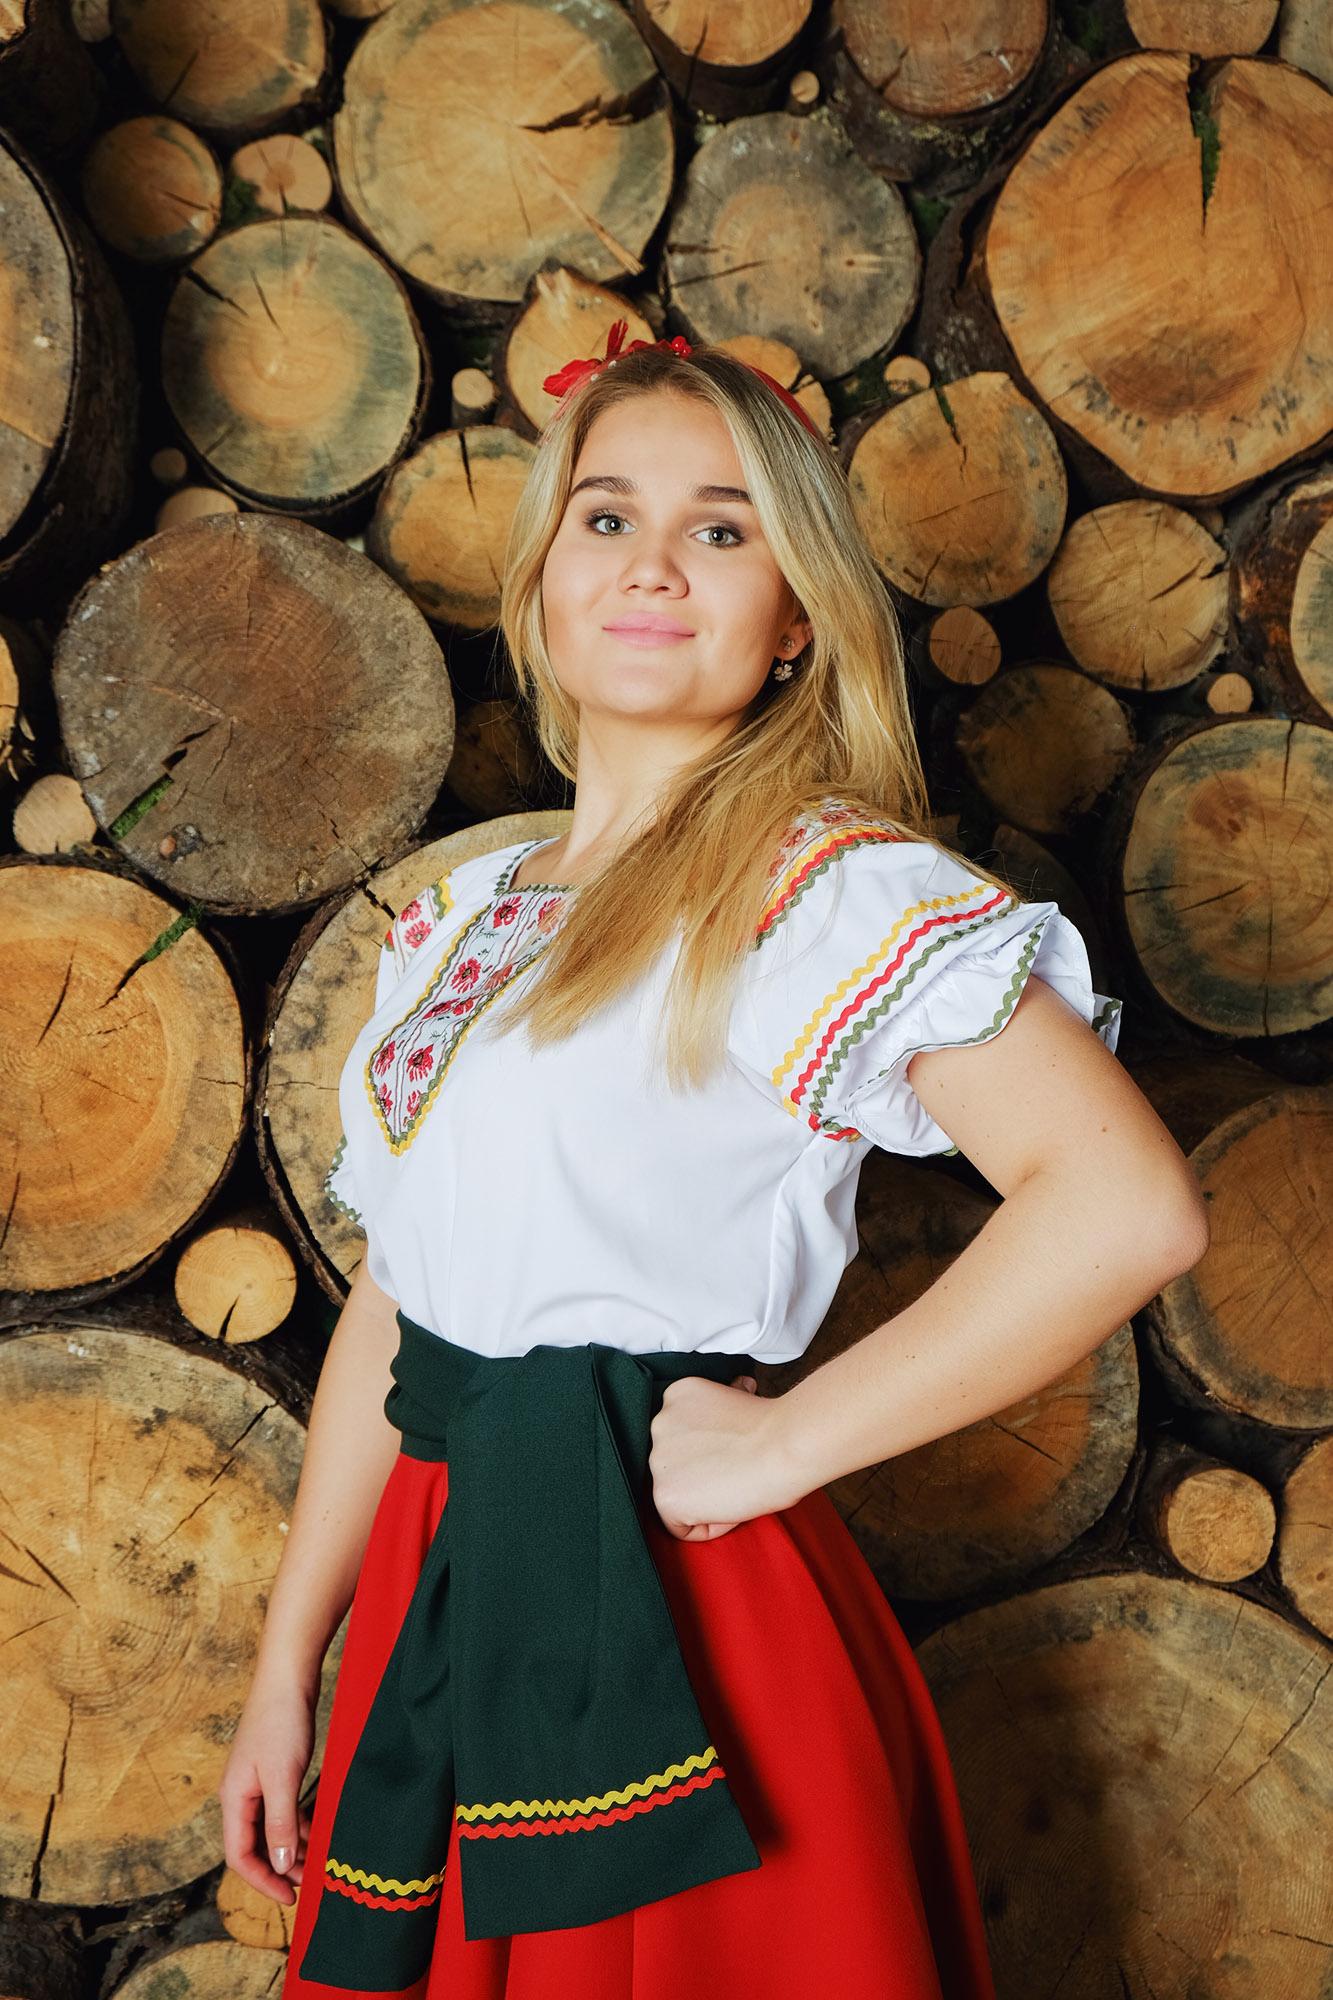 костюм Маков цвет в русском стиле вид сбоку